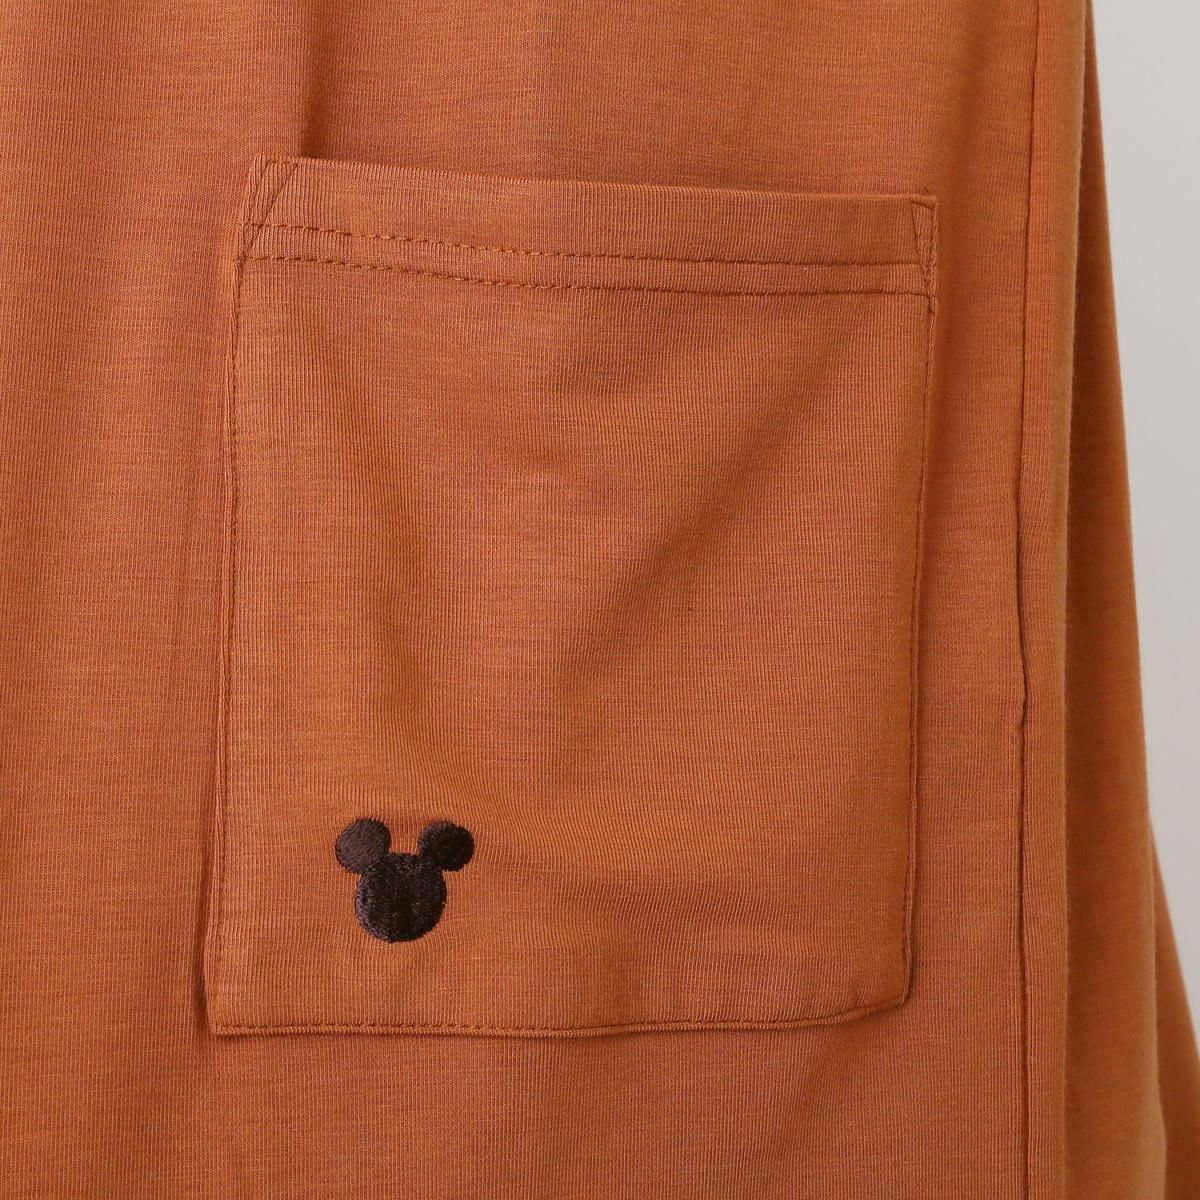 Vネック長袖Tシャツ&ロングカーディガンアンサンブル ポケットアップ テラコッタ   単品使いも楽しめる!ベルメゾン ディズニーデザイン「Vネック長袖Tシャツ&ロングカーディガンアンサンブル」